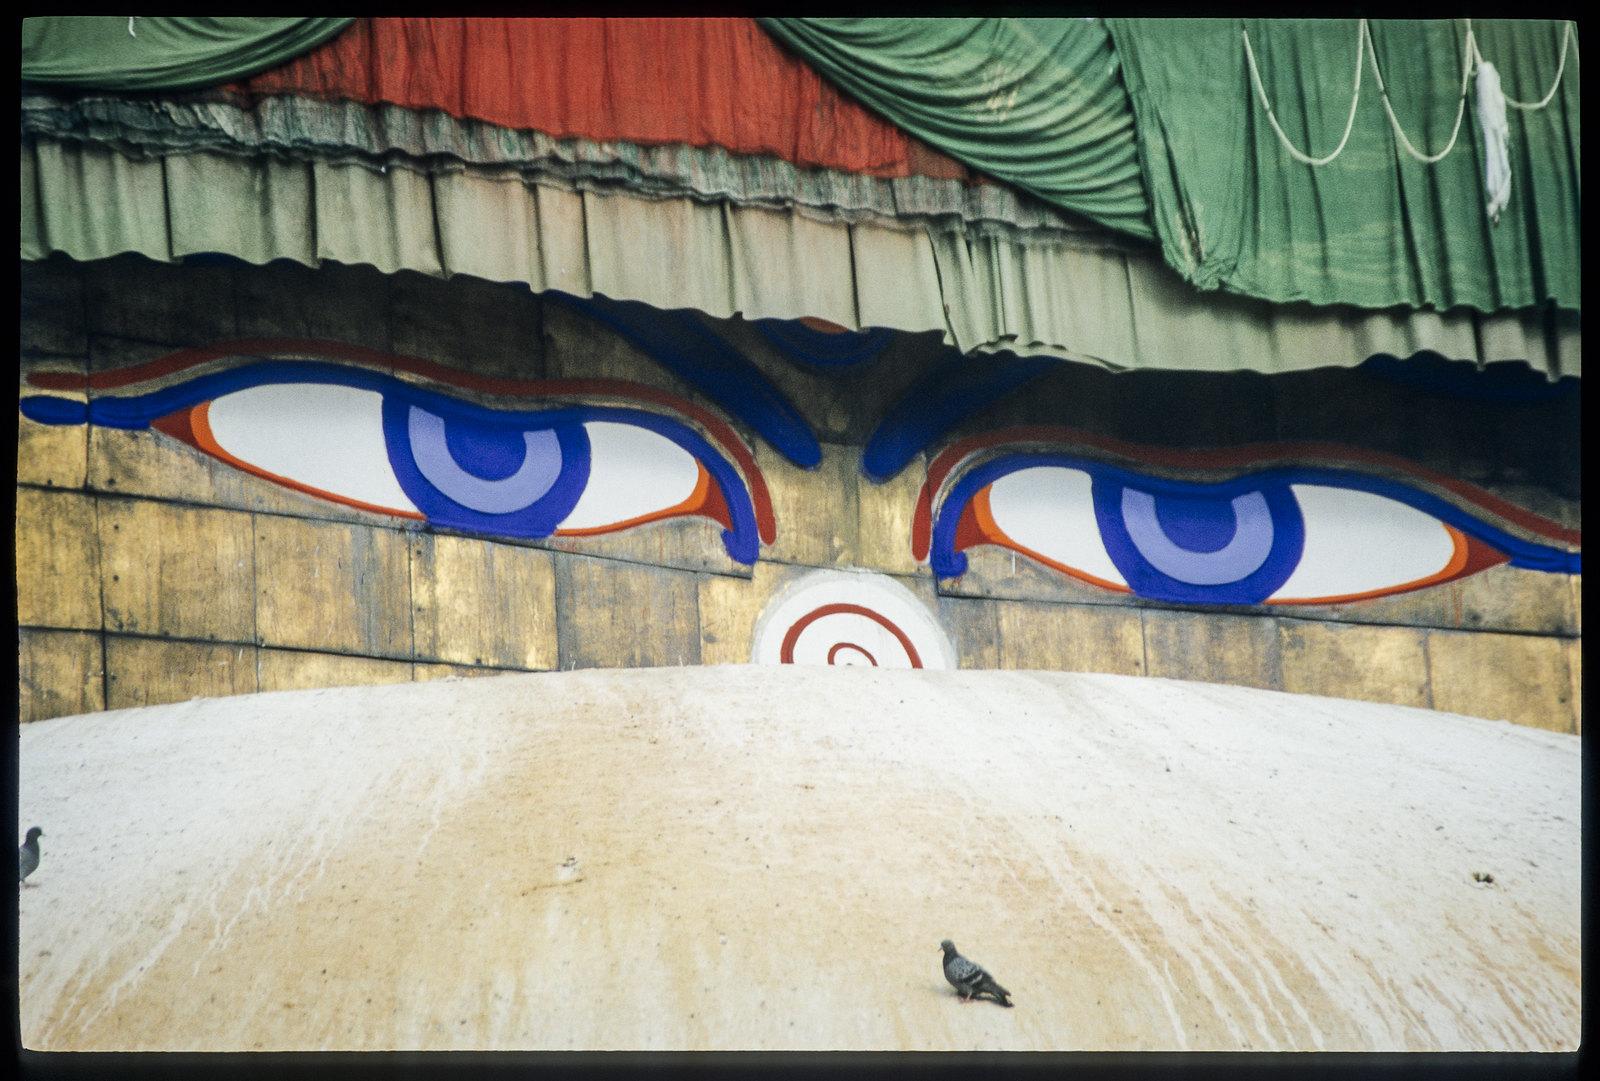 Bodnath temple, sous les yeux du boudha - Les yeux de l'éveillé